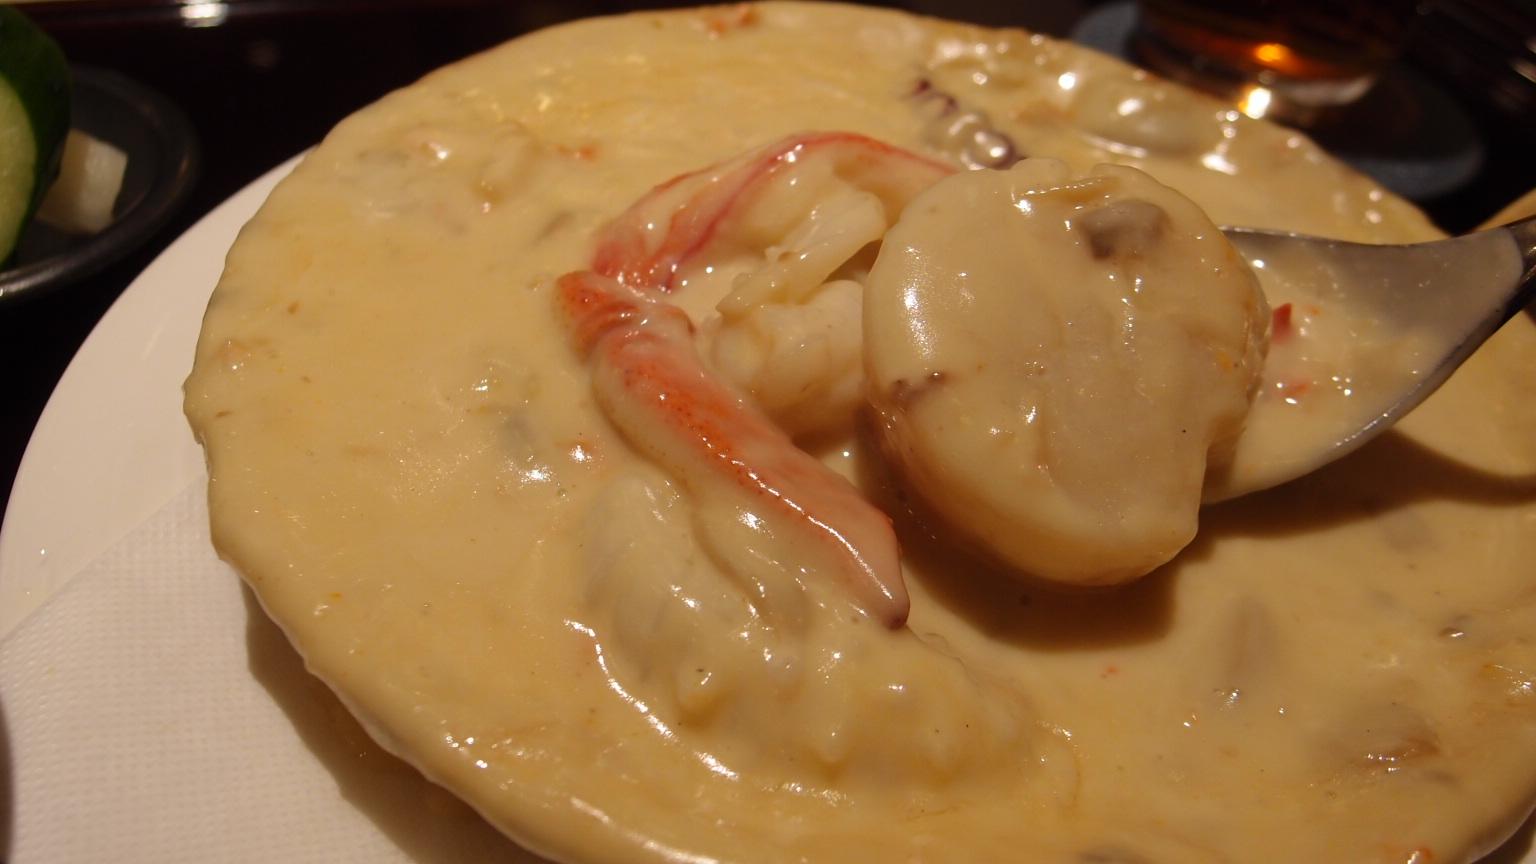 銀座 古川 魚介類のクリームシチュー | ヒレカツカレー